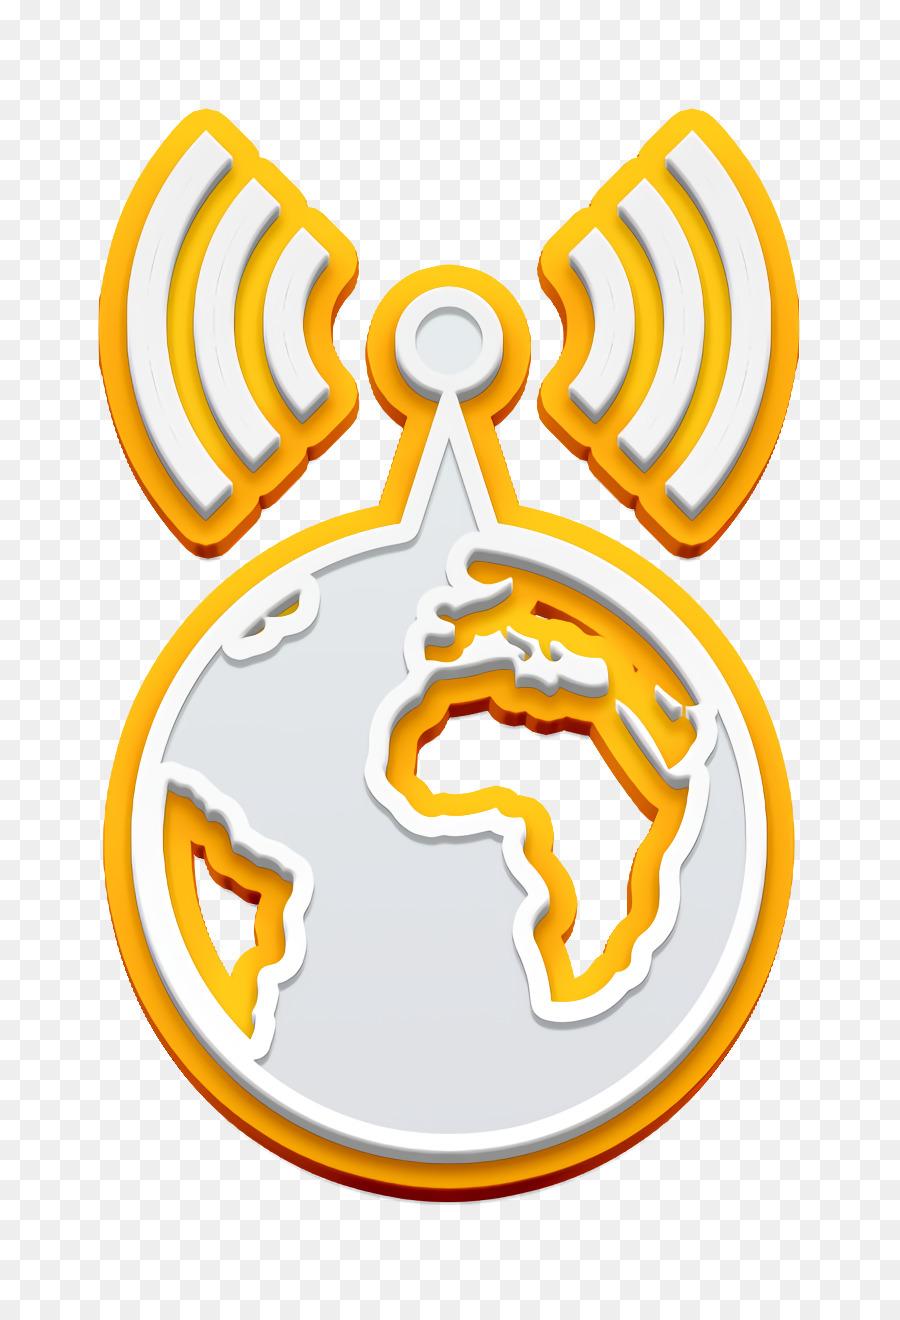 Descarga gratuita de Amarillo, Símbolo, Logotipo Imágen de Png